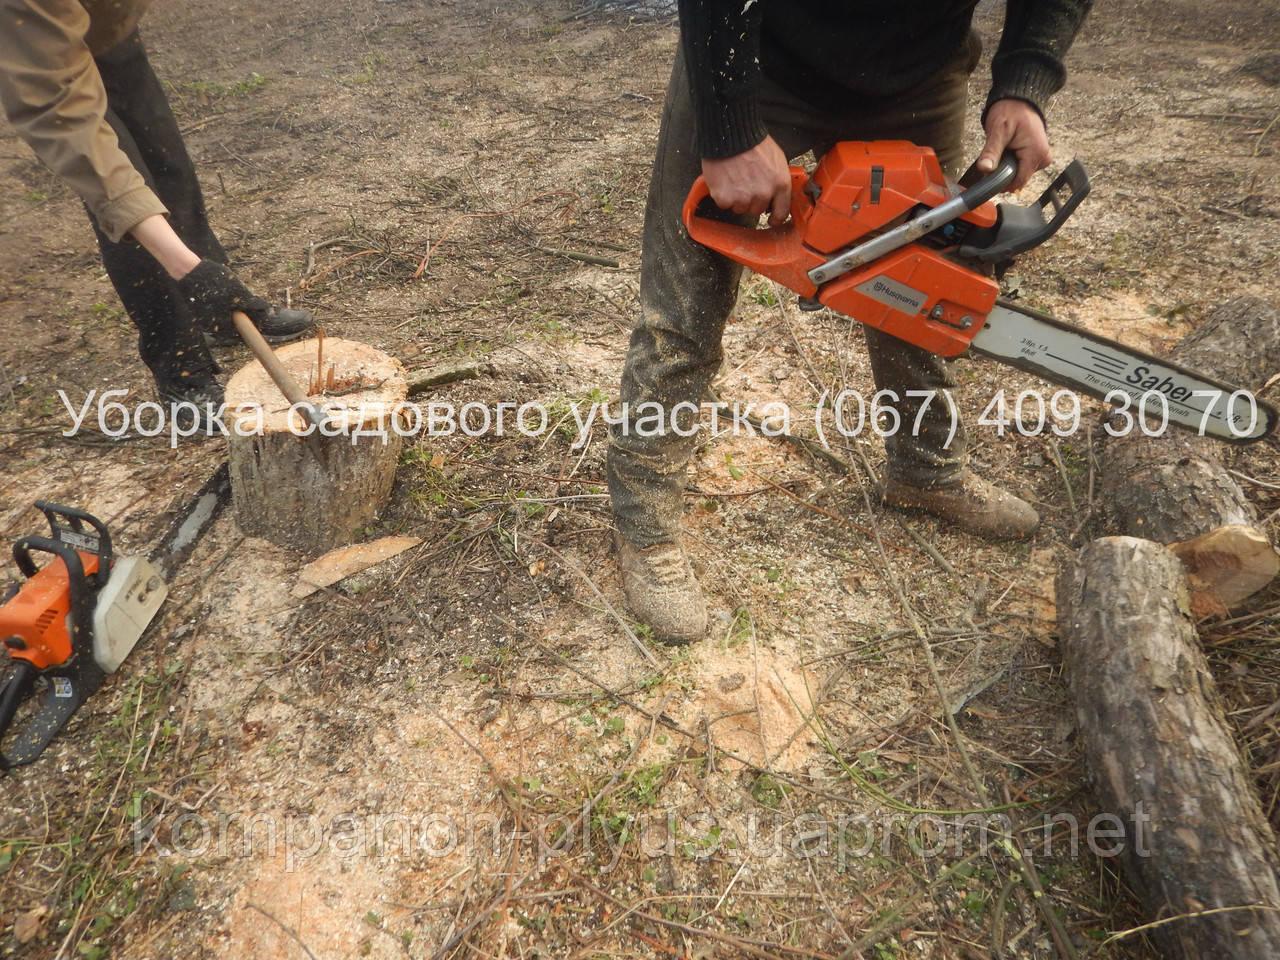 Уборка участка от деревьев